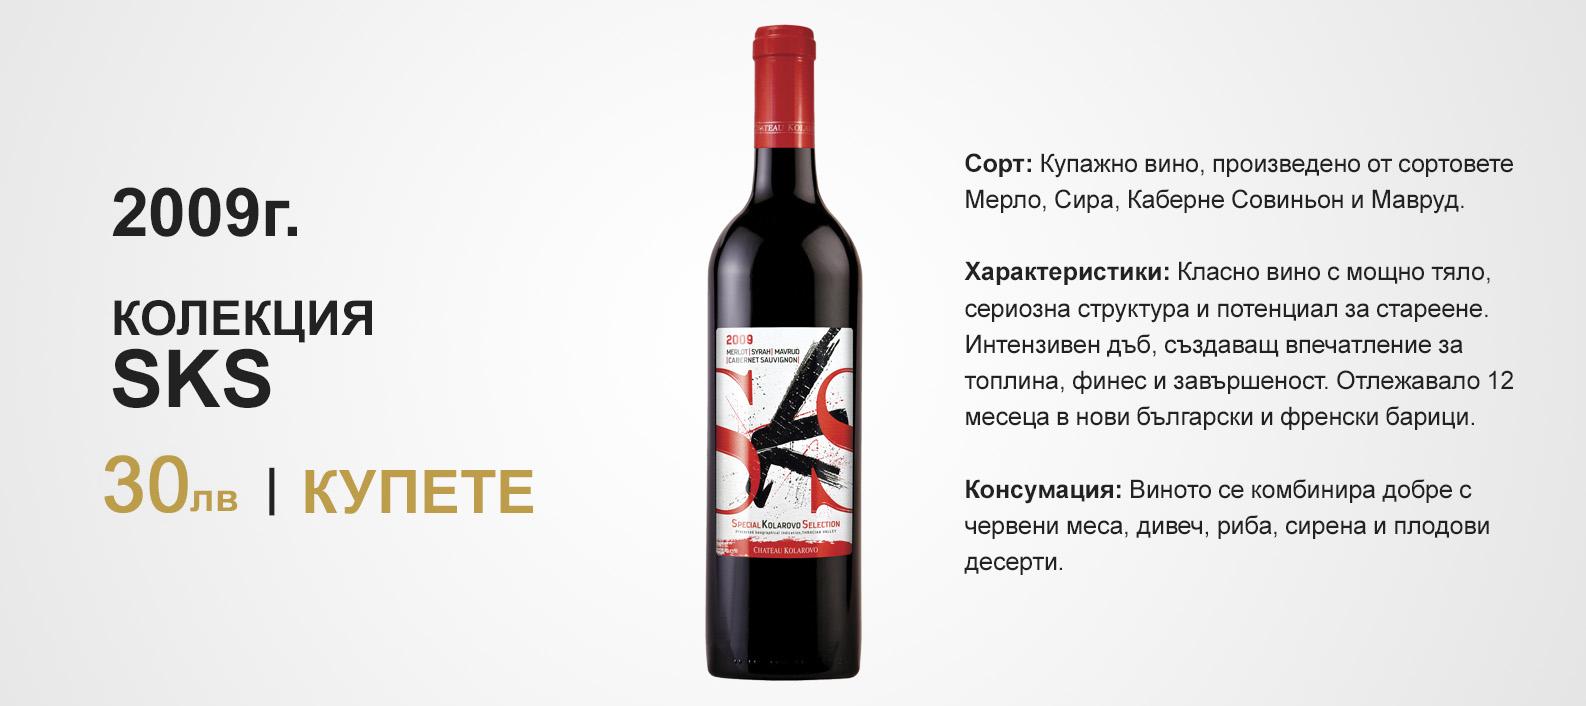 Купажно червено вино от серия SKS 2009 на Шато Коларово